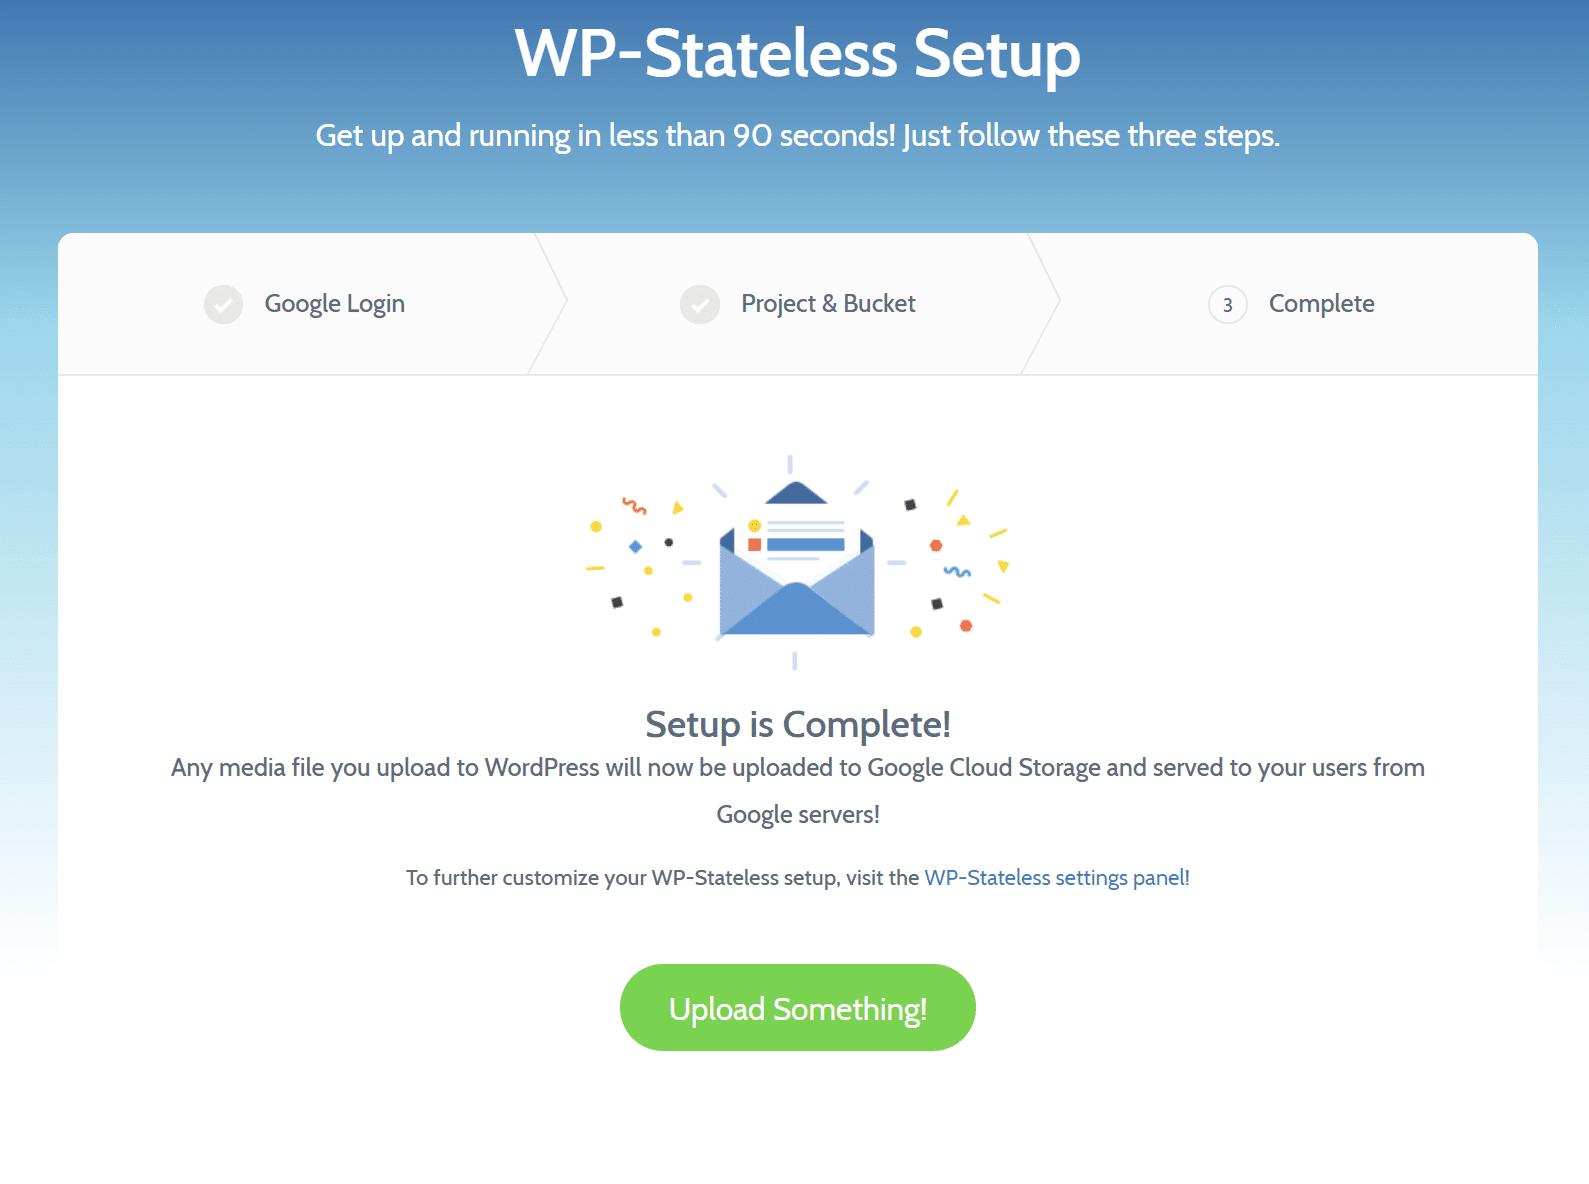 Configuração do WP-Stateless